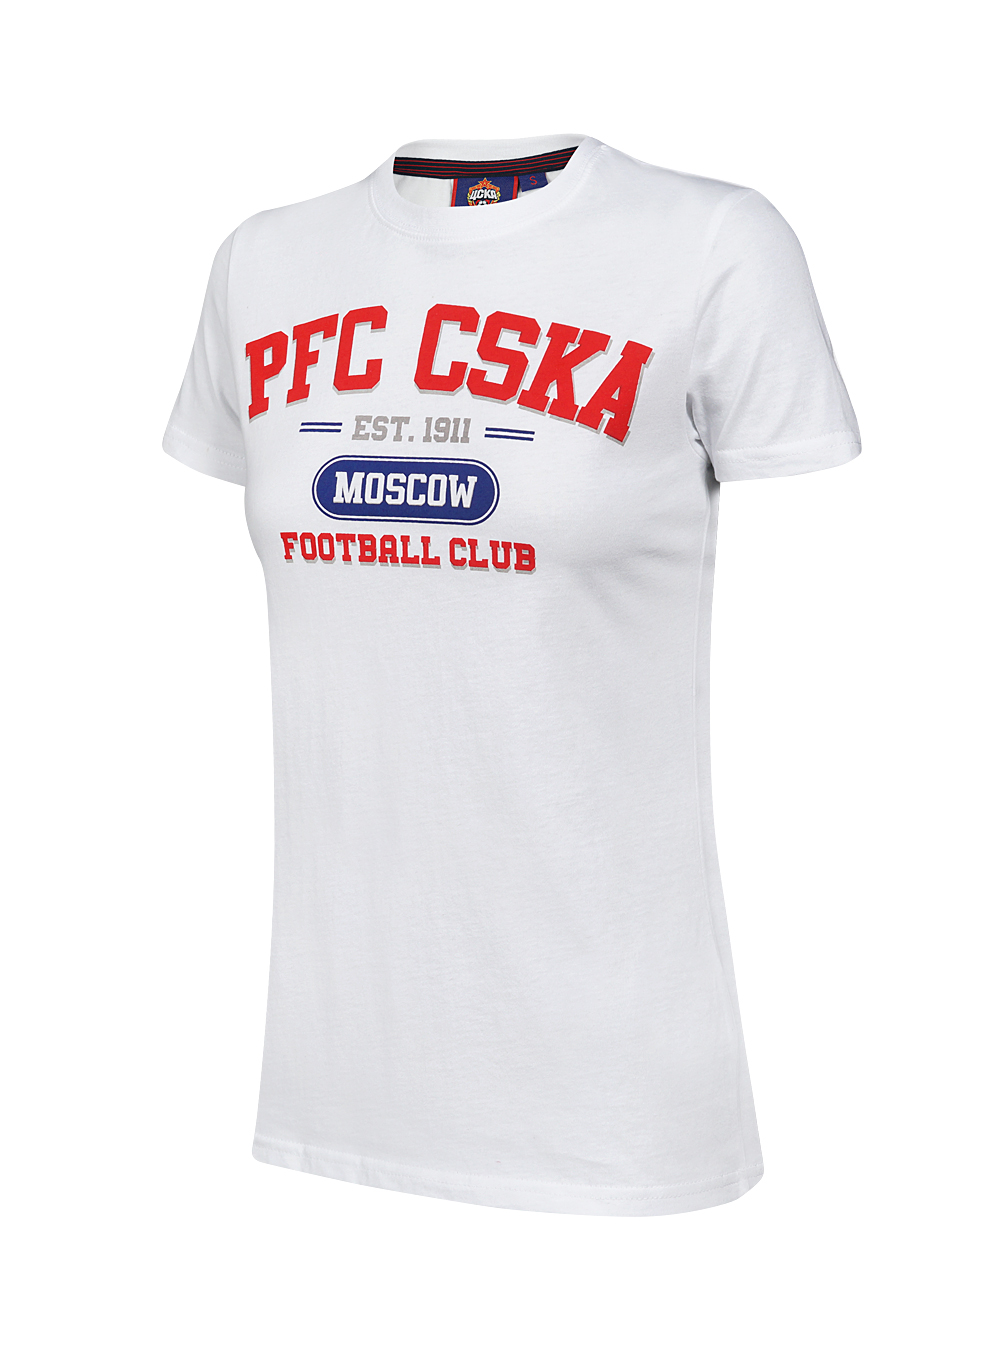 Купить Футболка женская PFC CSKA Moscow белая (M) по Нижнему Новгороду